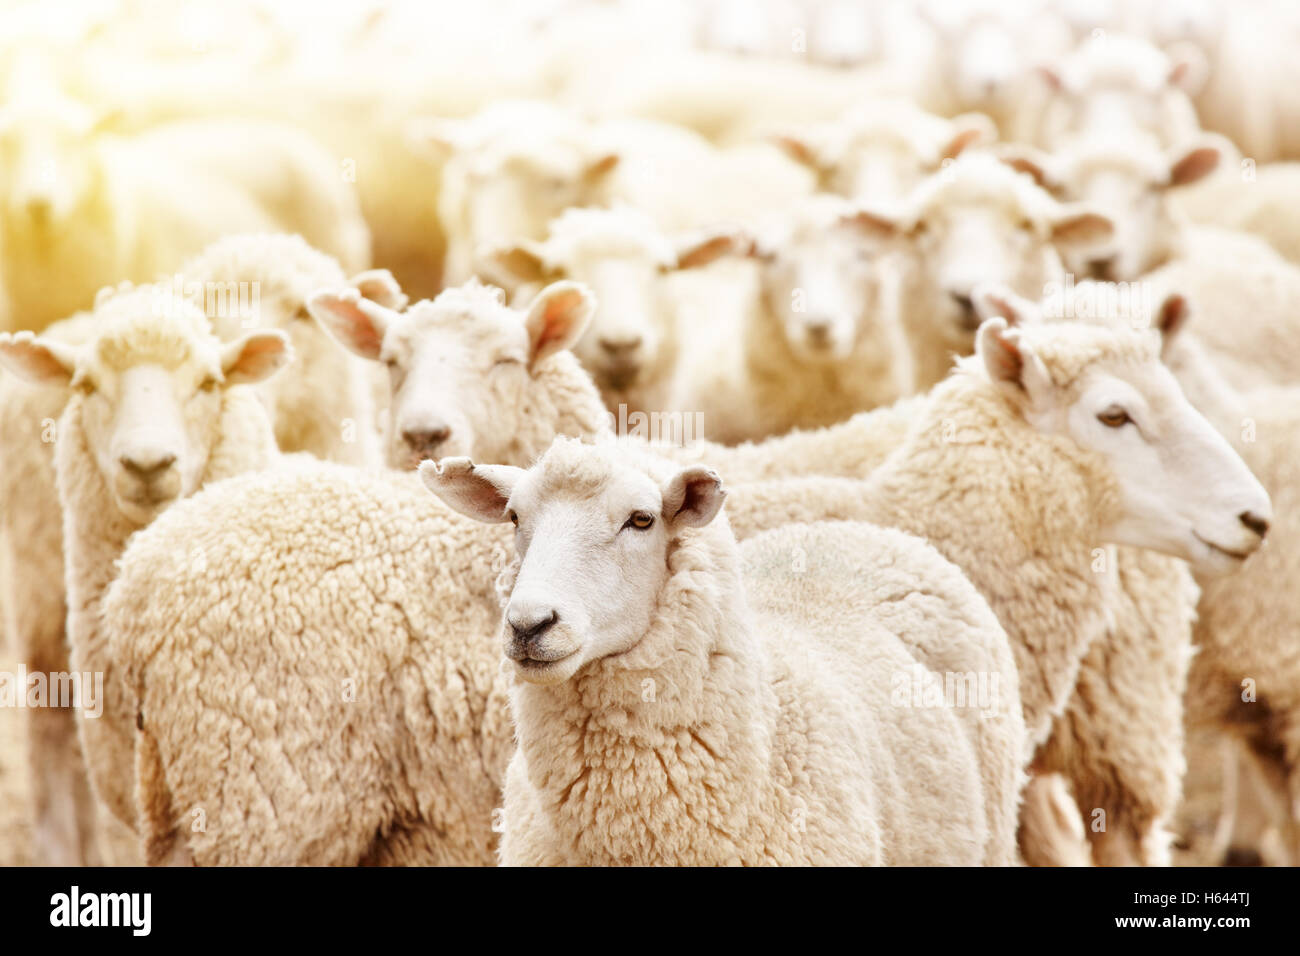 Ferme d'élevage, troupeau de moutons Photo Stock